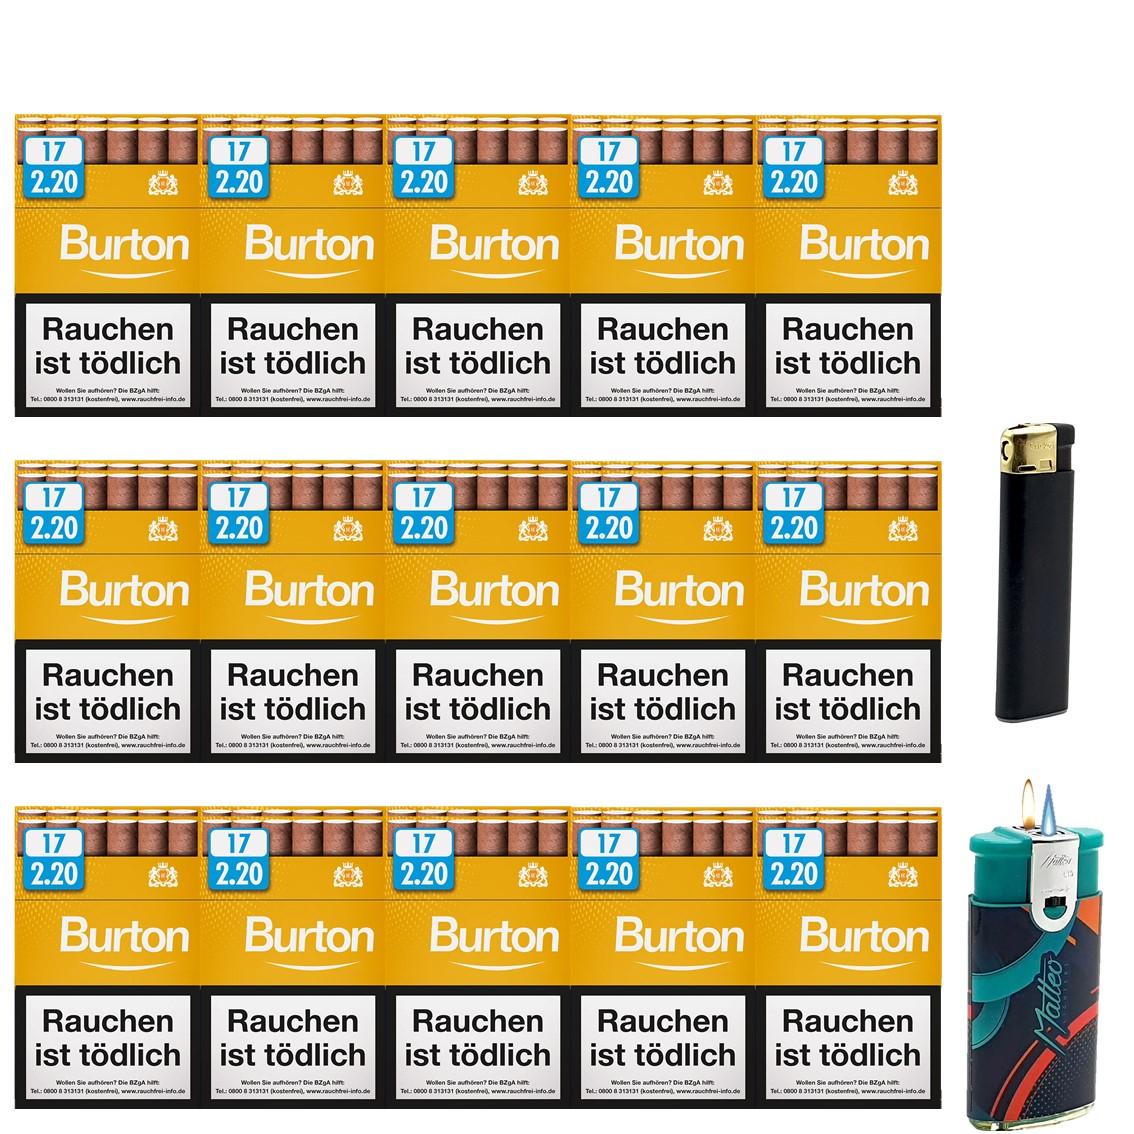 Burton Vanilla / Gold Zigarillos mit Filter (3 Stangen) 30 x 17 Stück